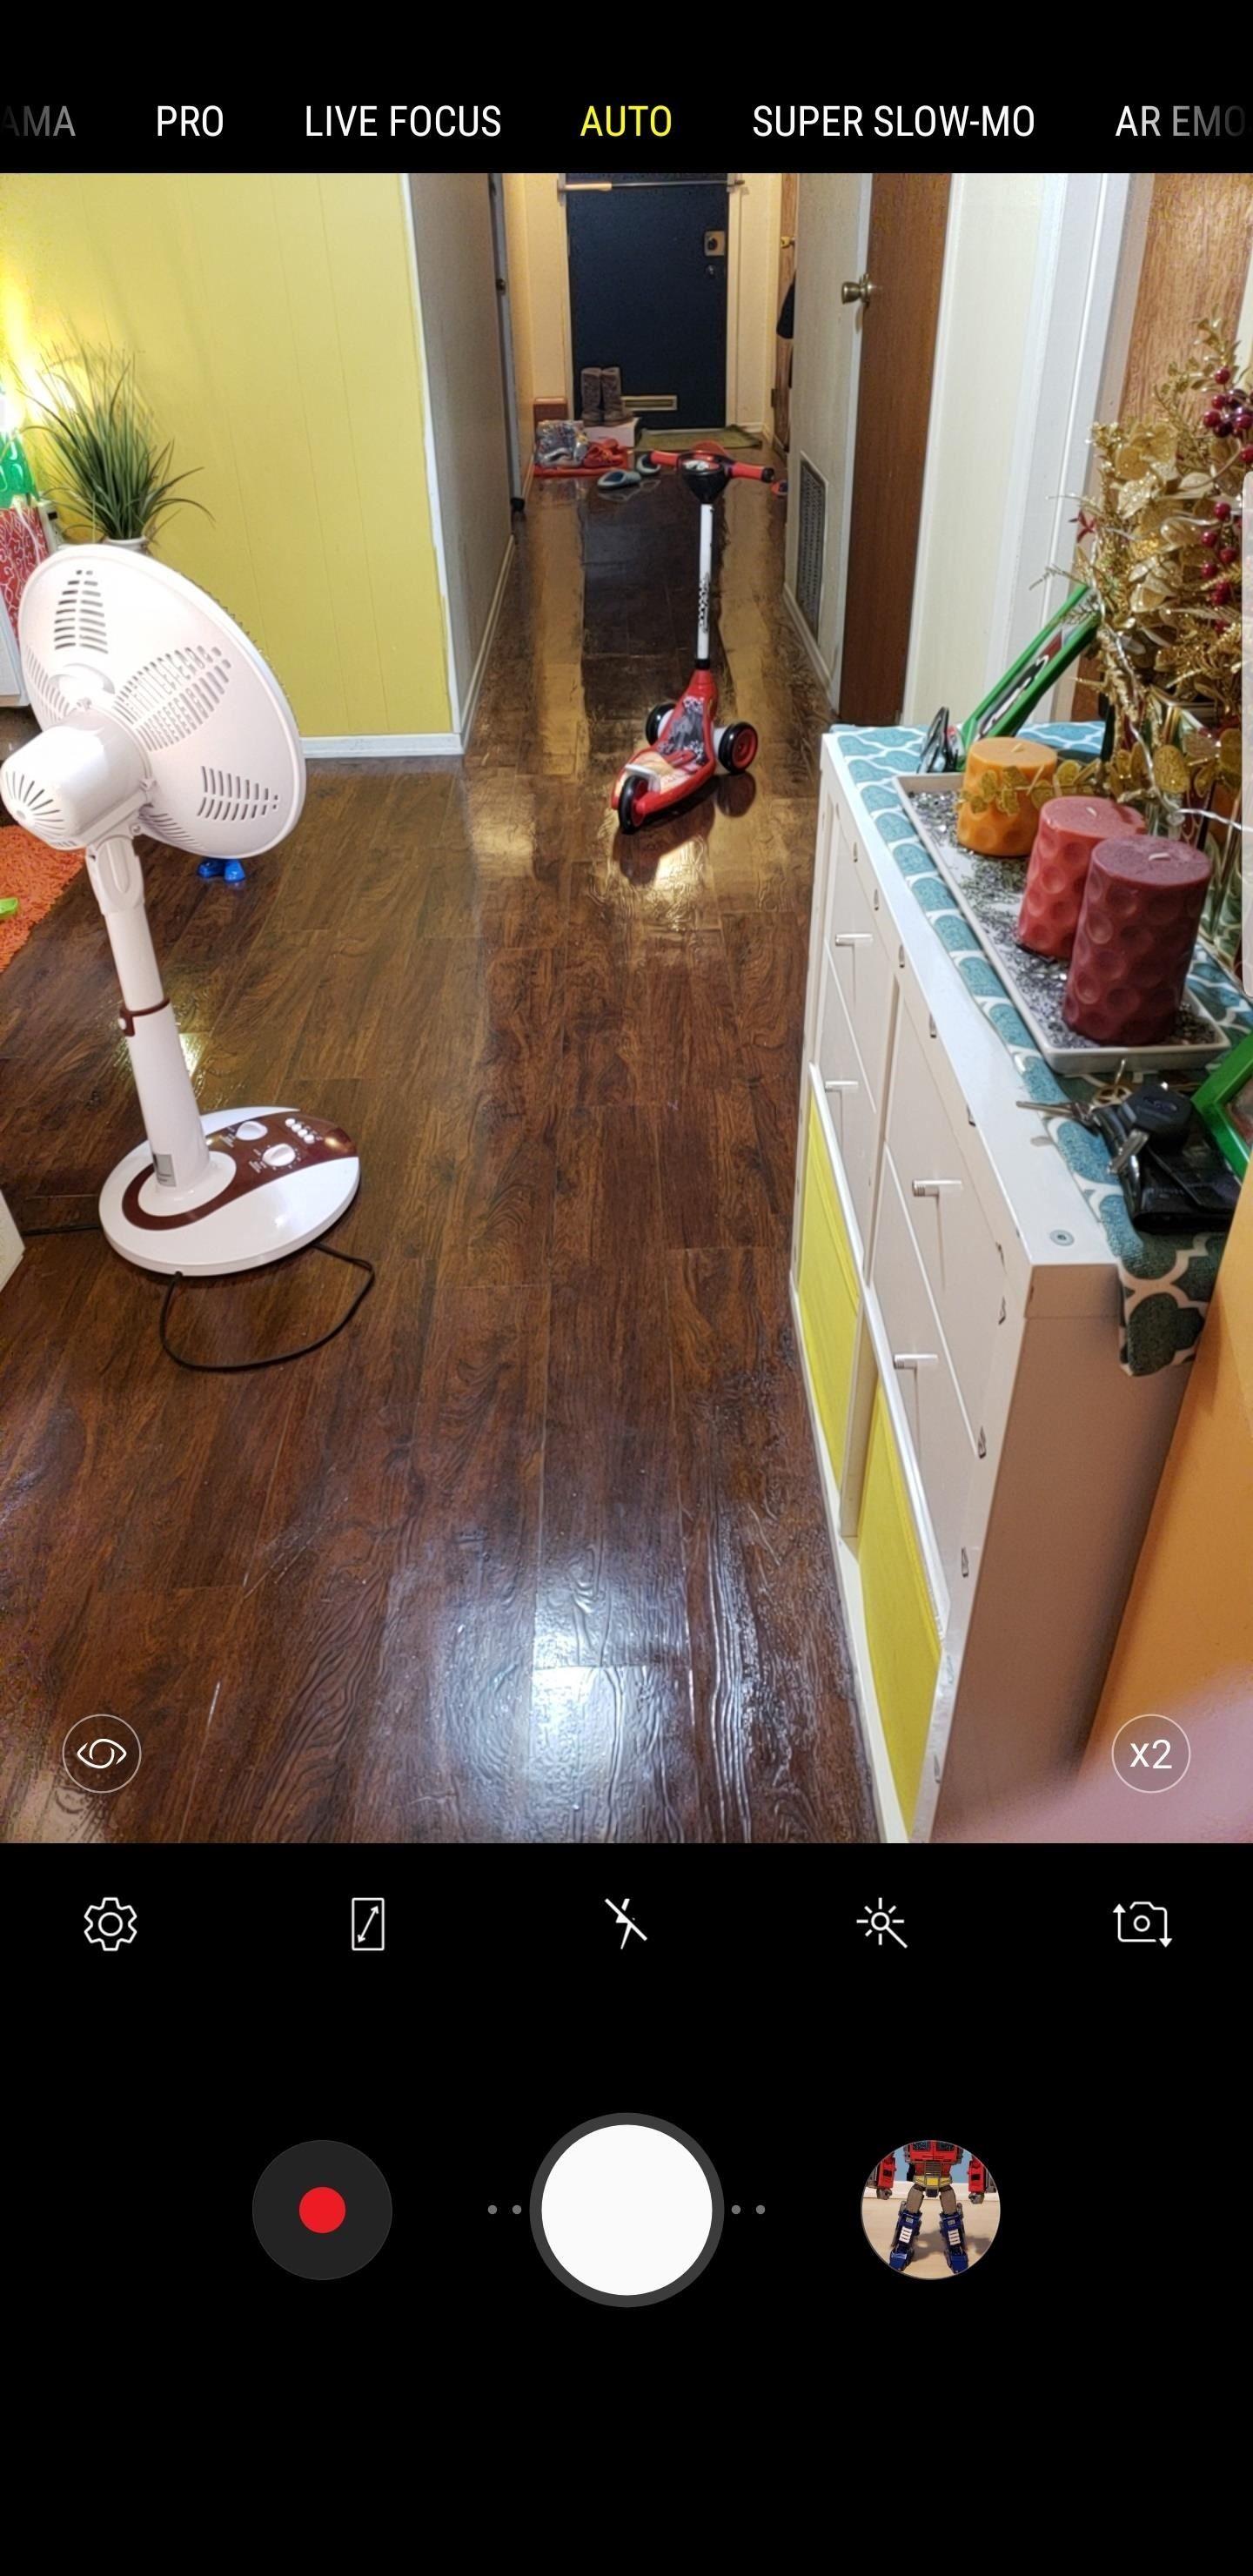 كيفية تمكين لقطات ملء الشاشة على الكاميرا الخاصة بك Galaxy S9